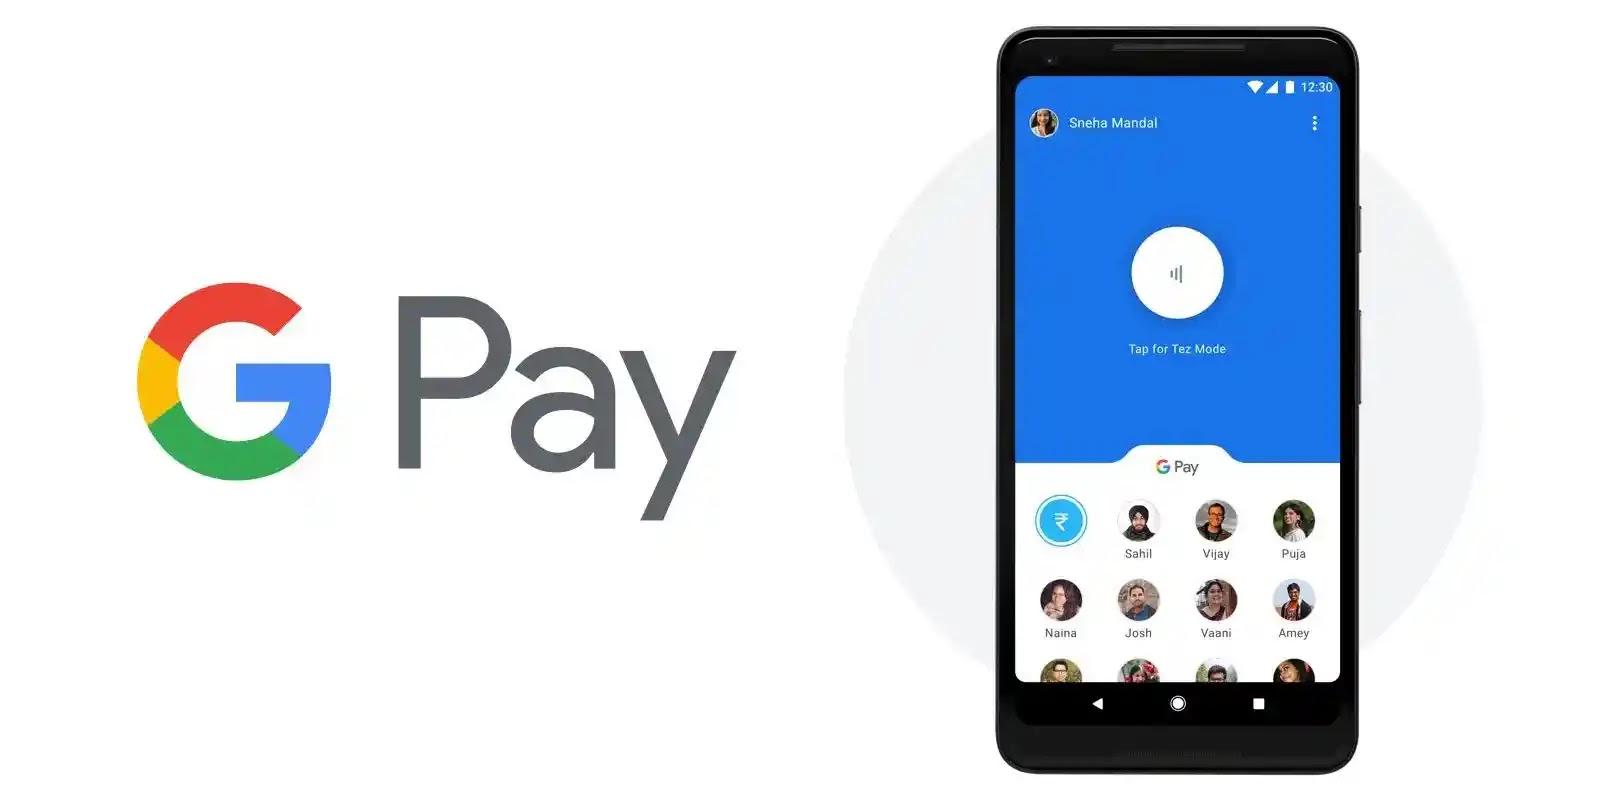 Google Pay App Kya Hai Aur Esase Paise Kaise Kamaye